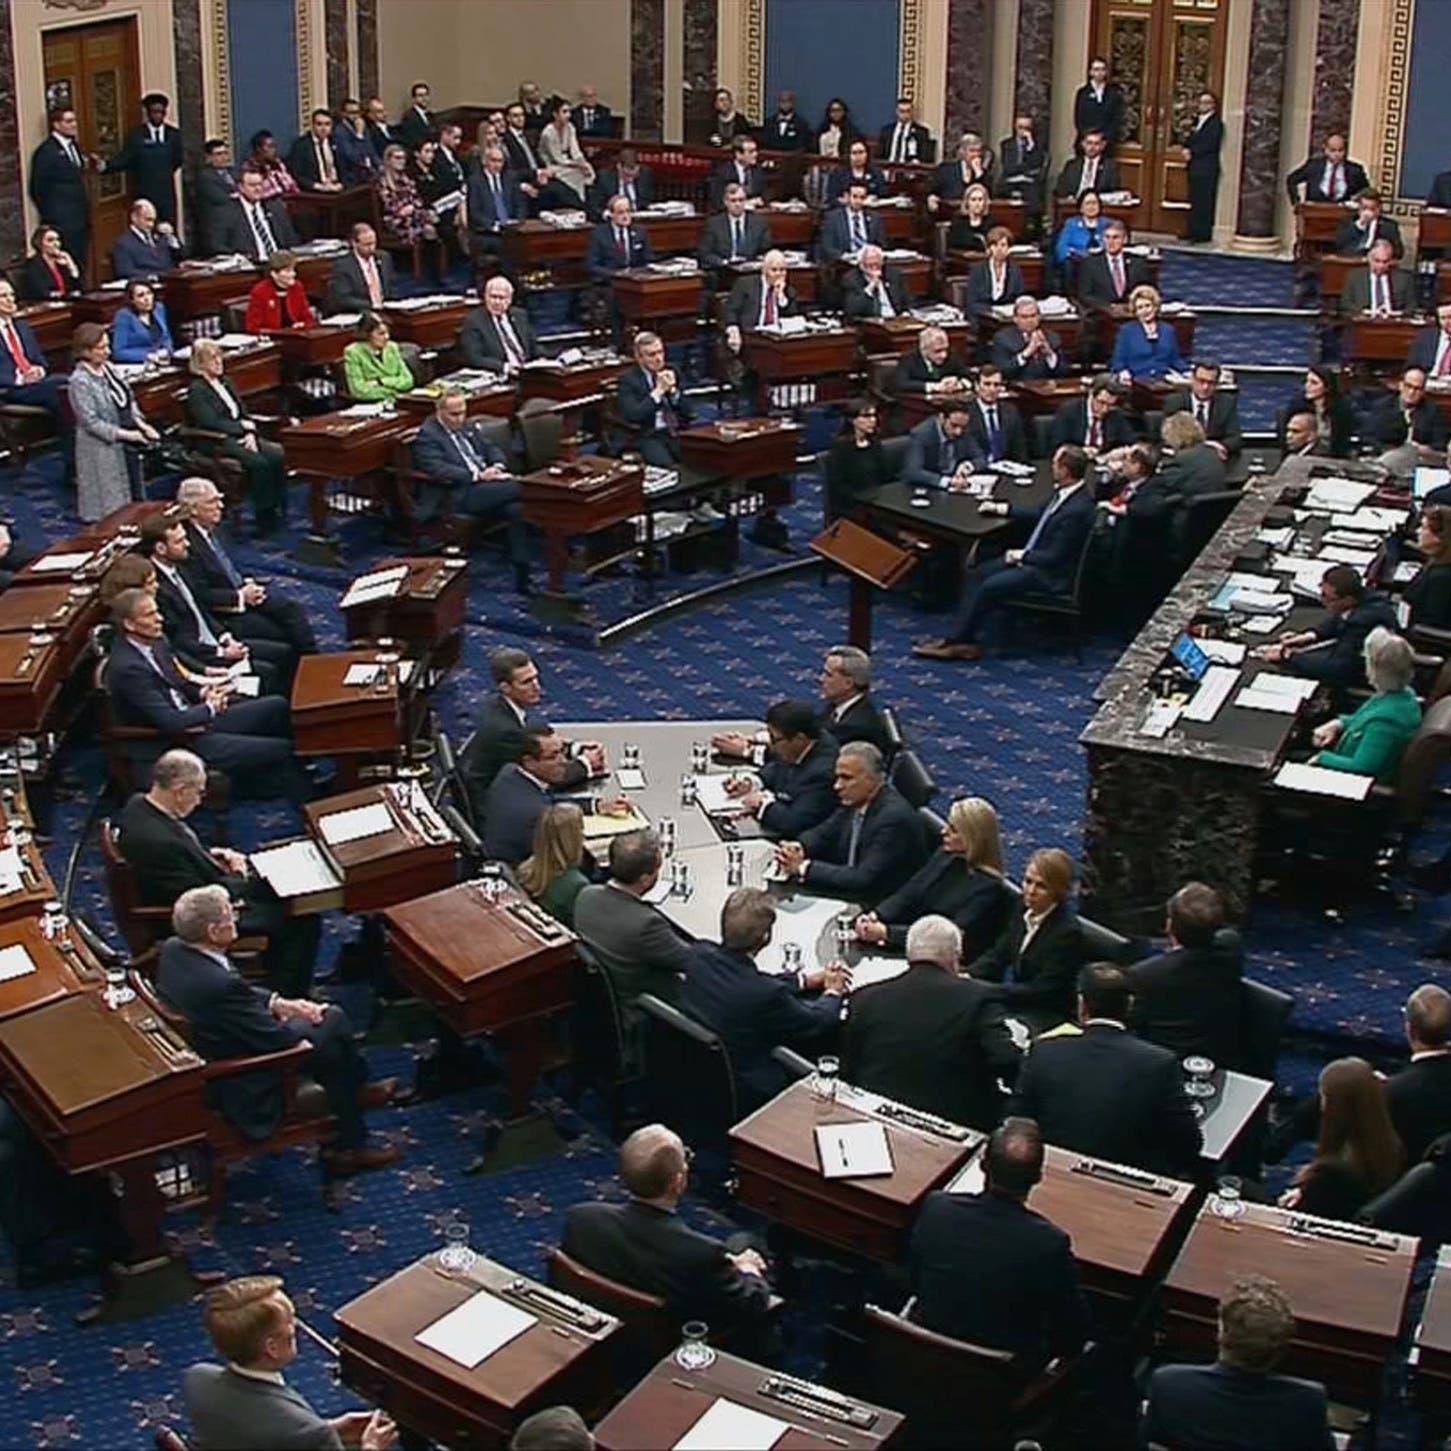 الجمهوريون بصدد تبديد آمال الديمقراطيين بمجلس الشيوخ